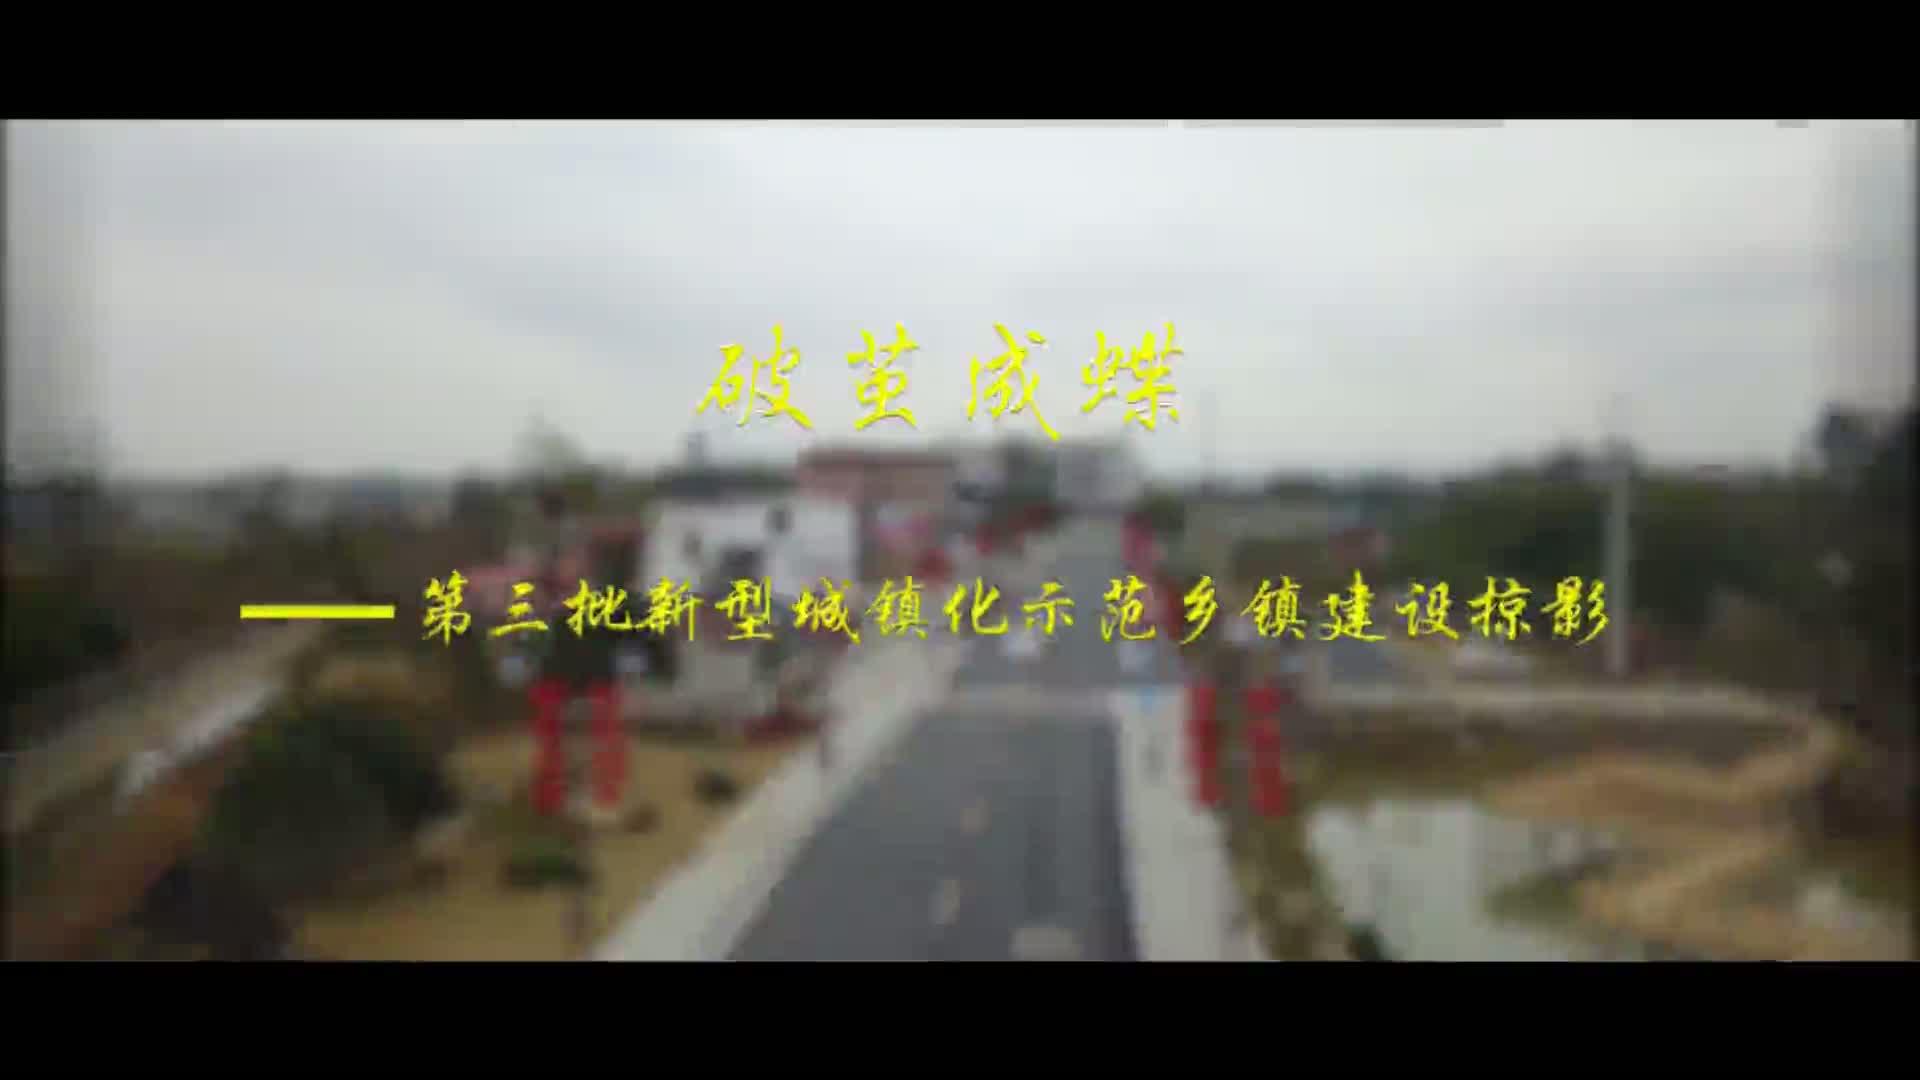 【視頻】破繭成蝶——第三批新型城鎮化示范鄉鎮建設掠影